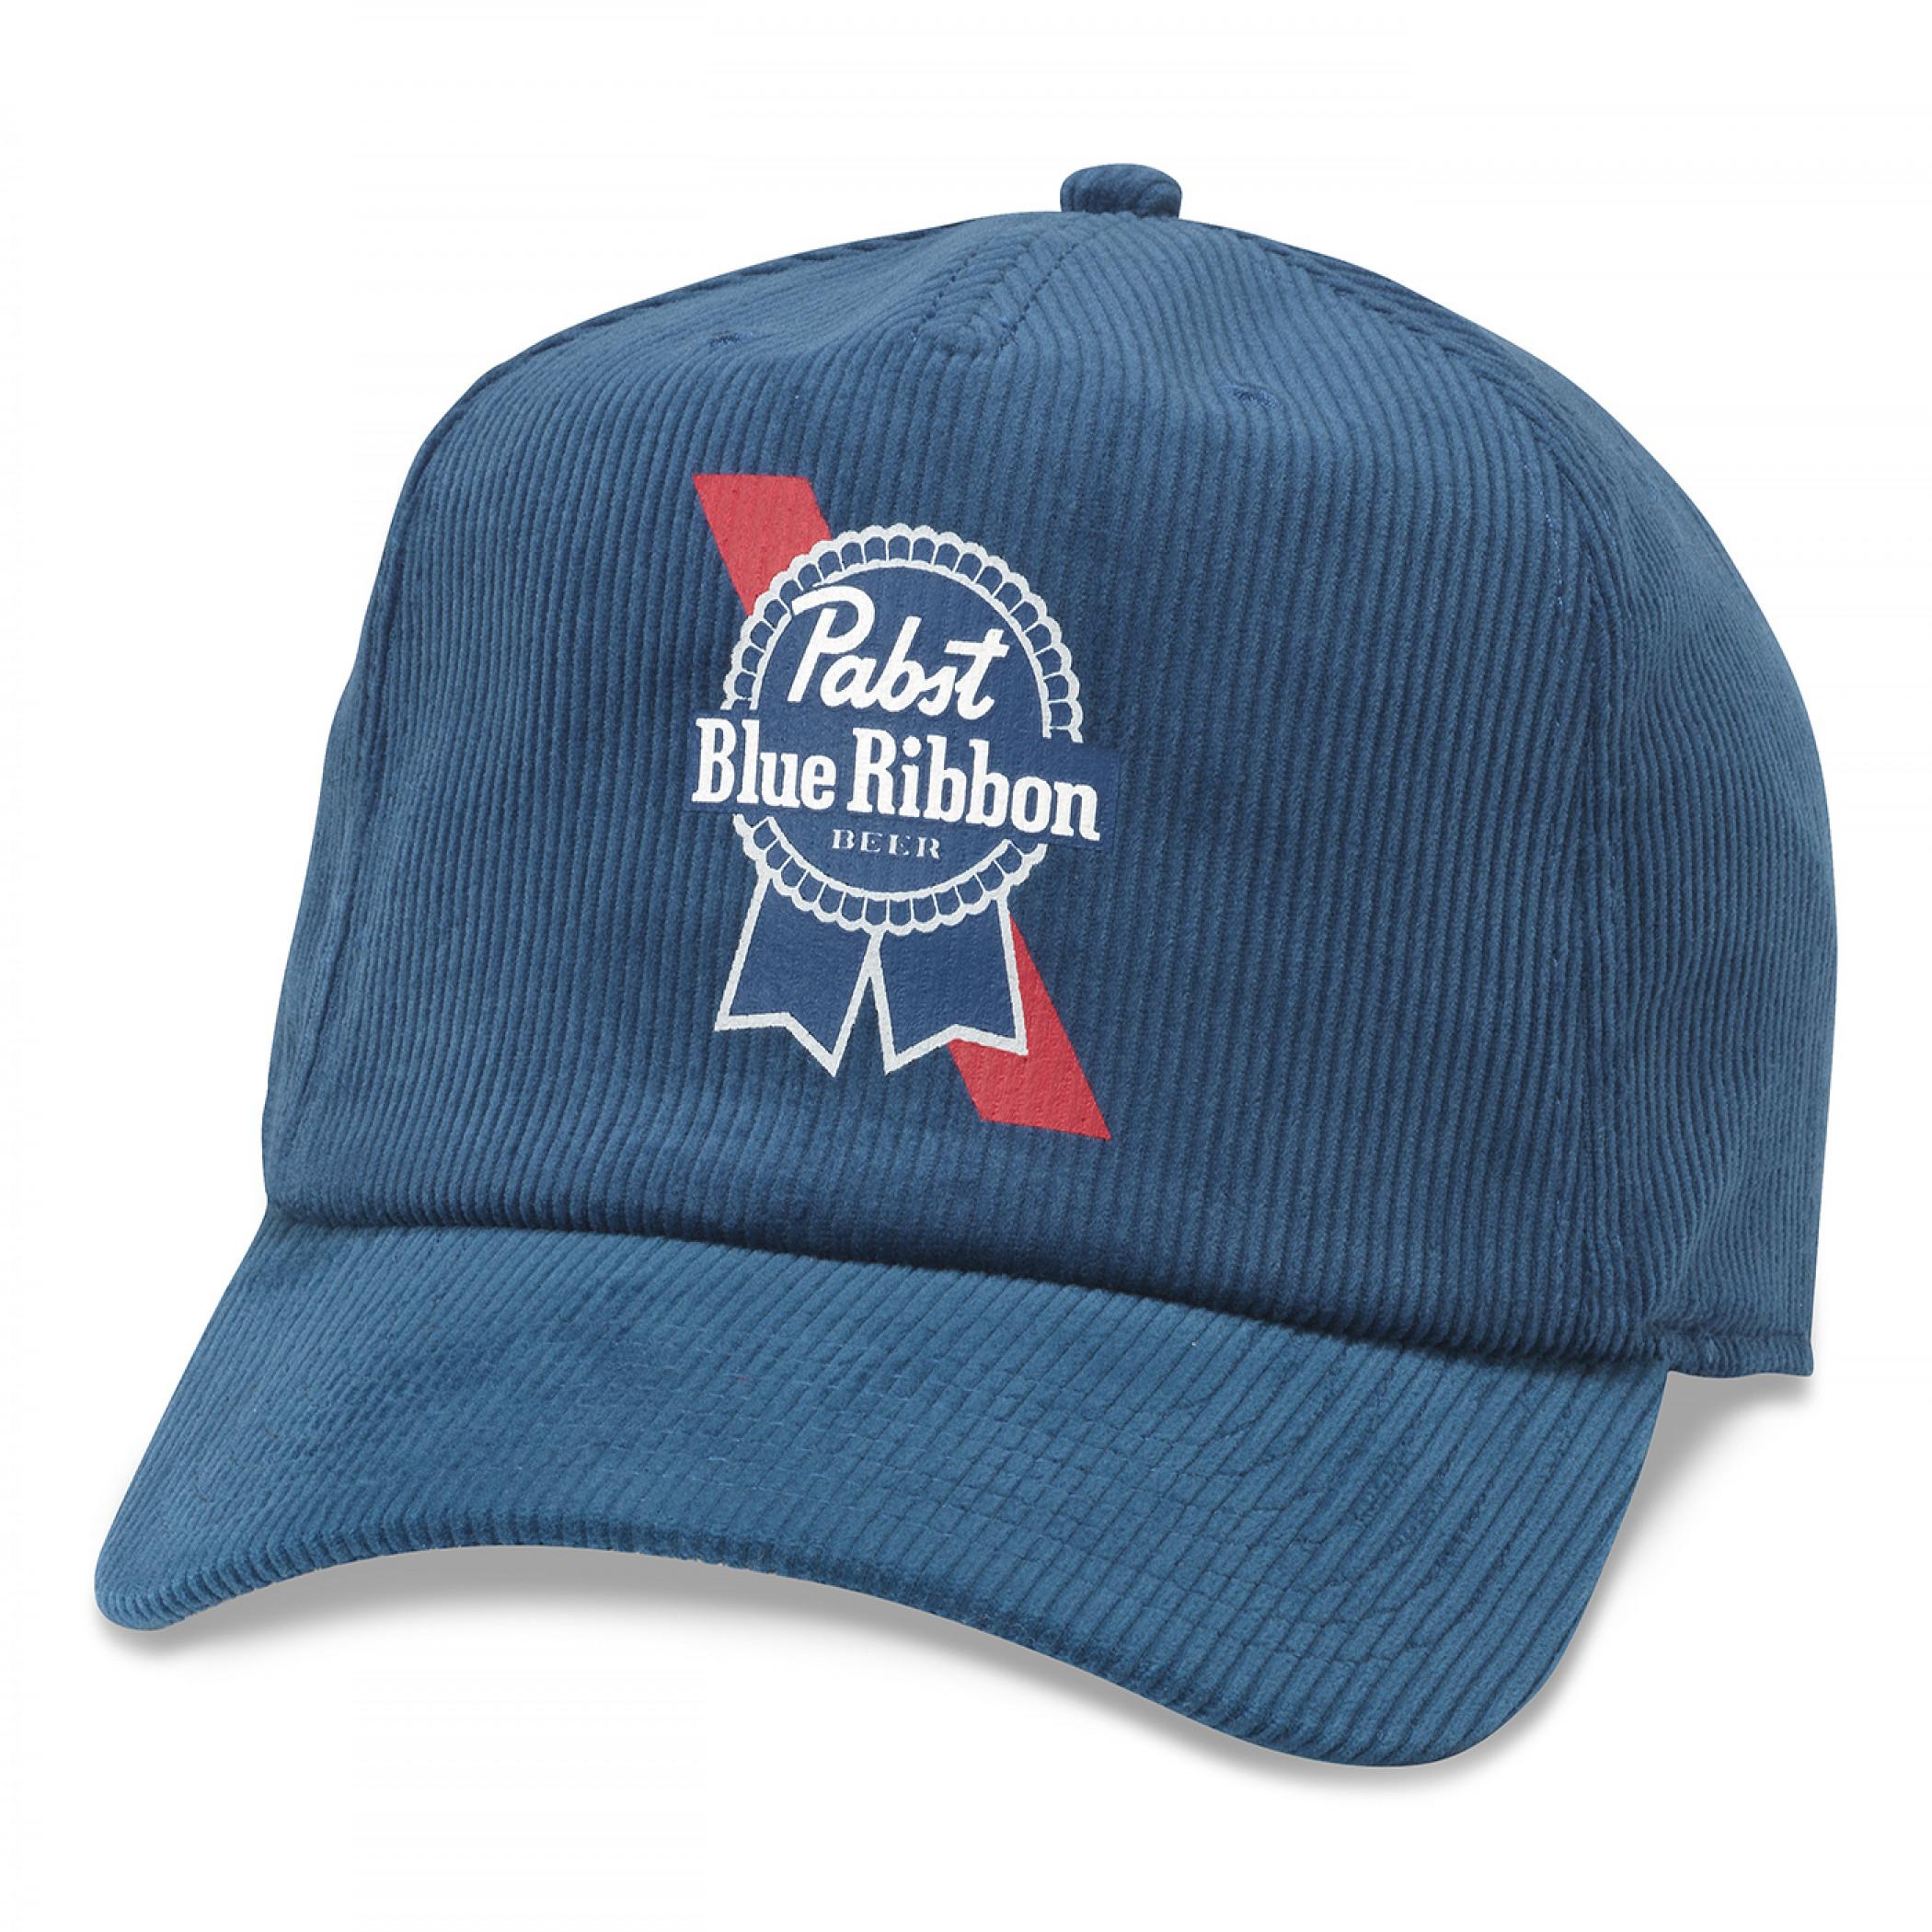 Pabst Blue Ribbon Beer Printed Corduroy Hat